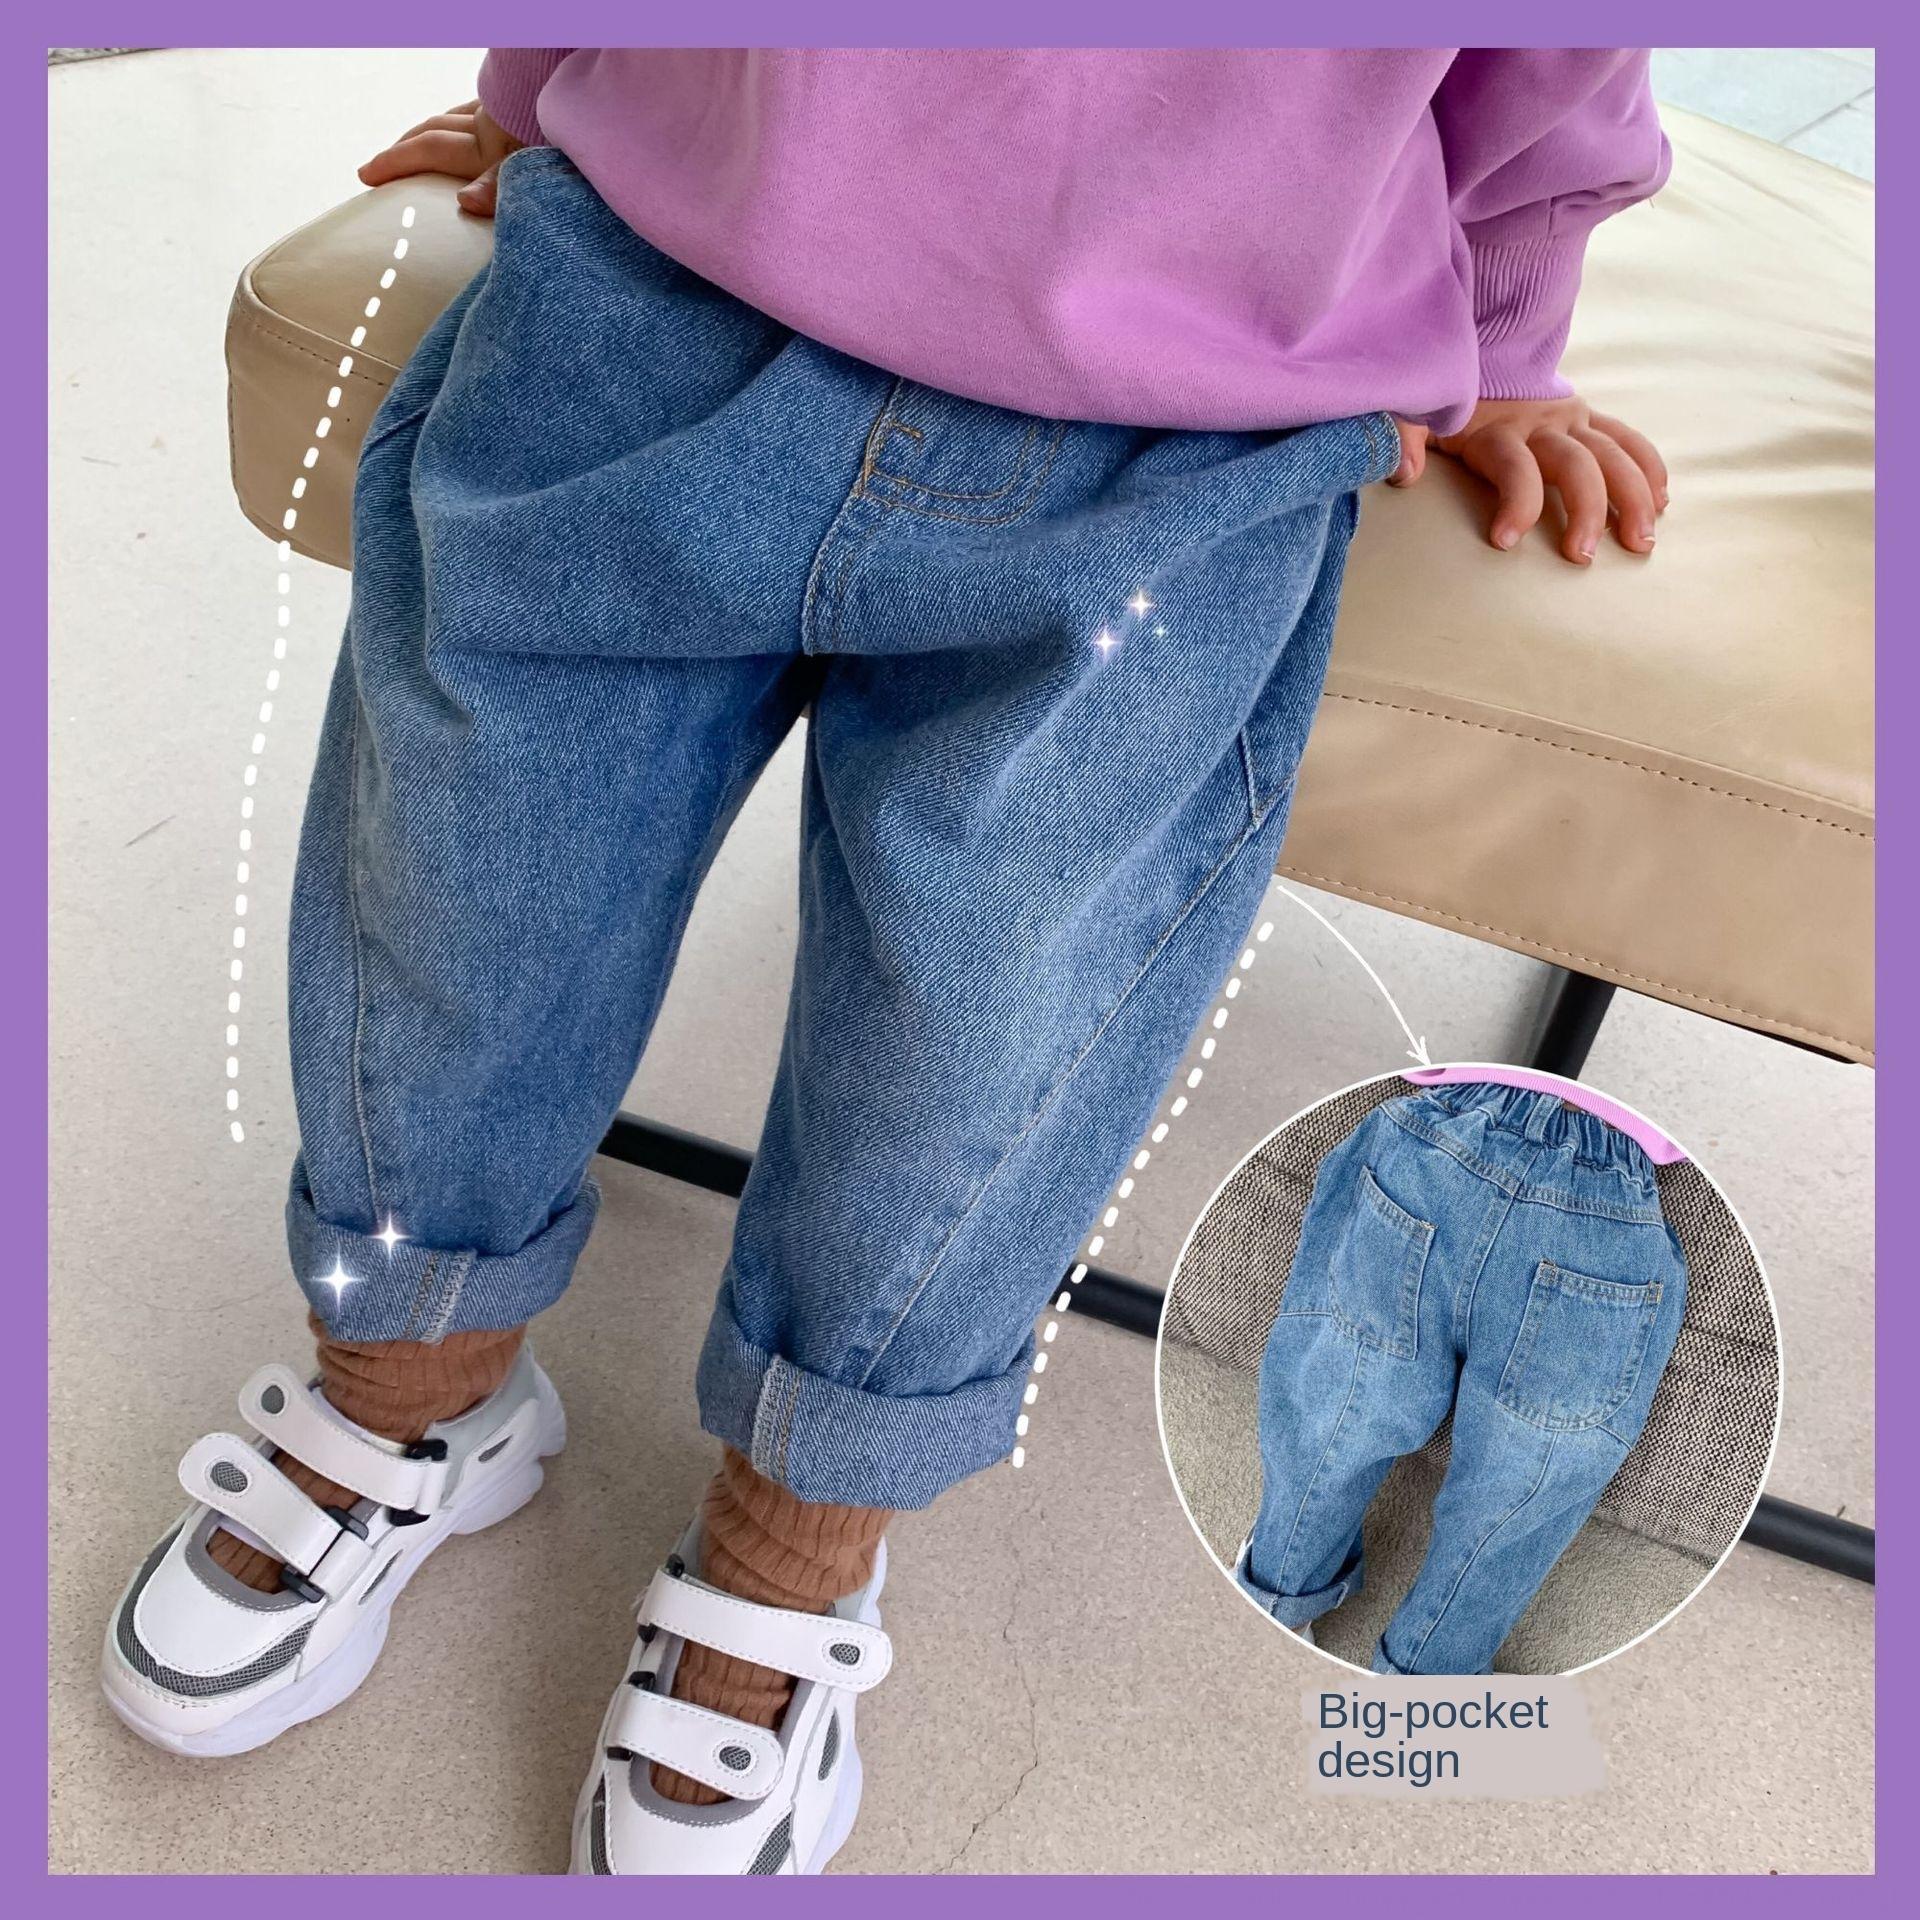 LZJ7S Brilliant детской одежды 2020 осень Новой западный стиля детской девочки шить брюки Корейских стиля случайных брюки случайных штаны